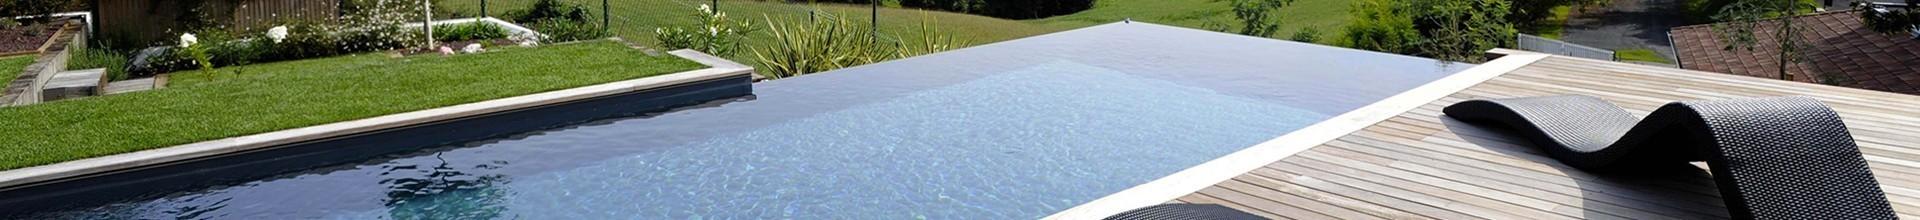 Constructeur piscine discount Normandie